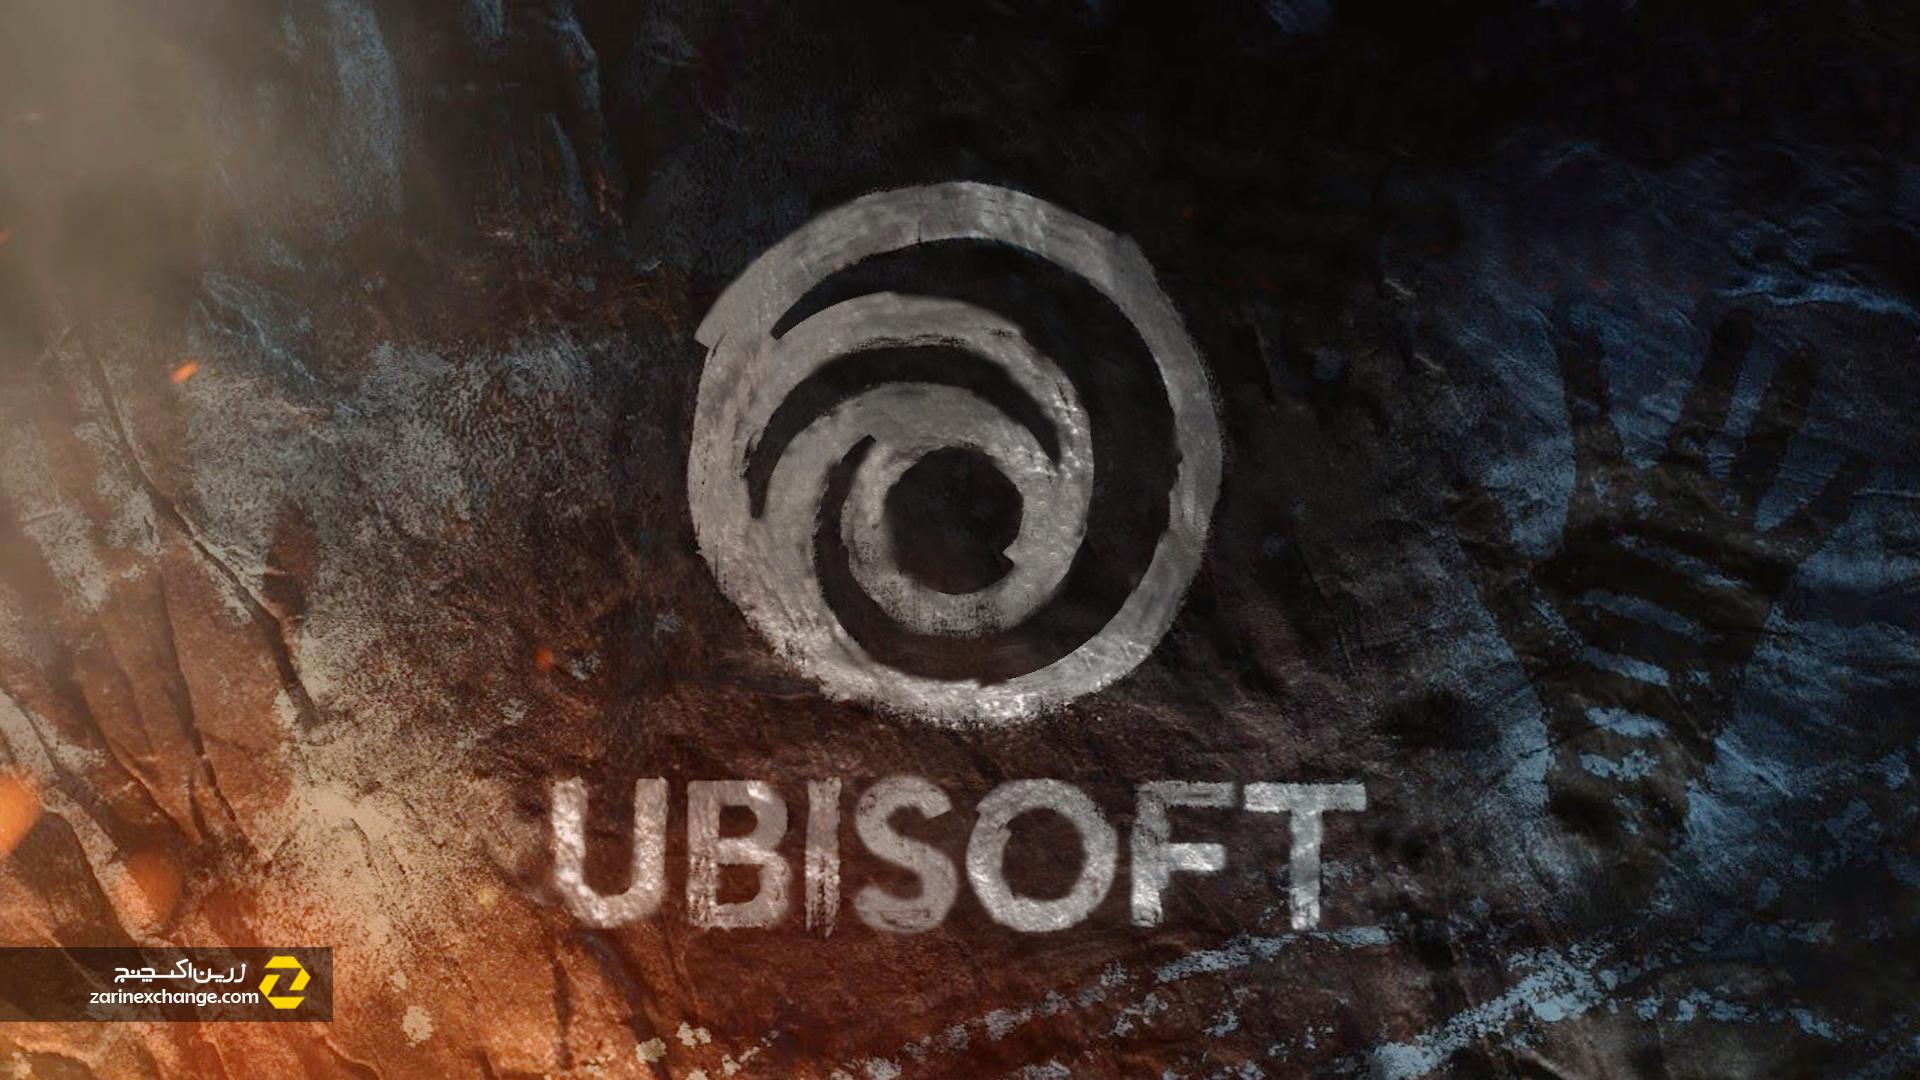 معرفی شرکت یوبی سافت Ubisoft